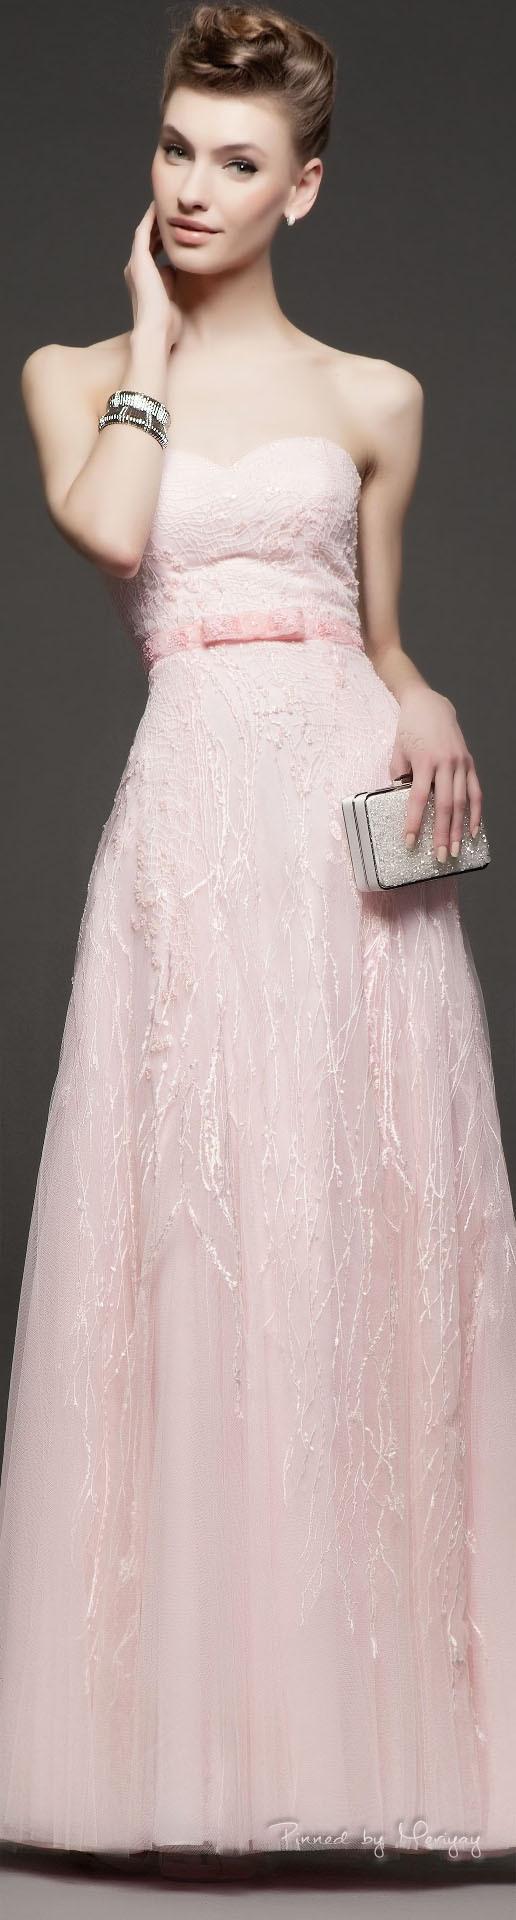 Rosa Suave  Schöne Kleider Abendkleid Kleidung